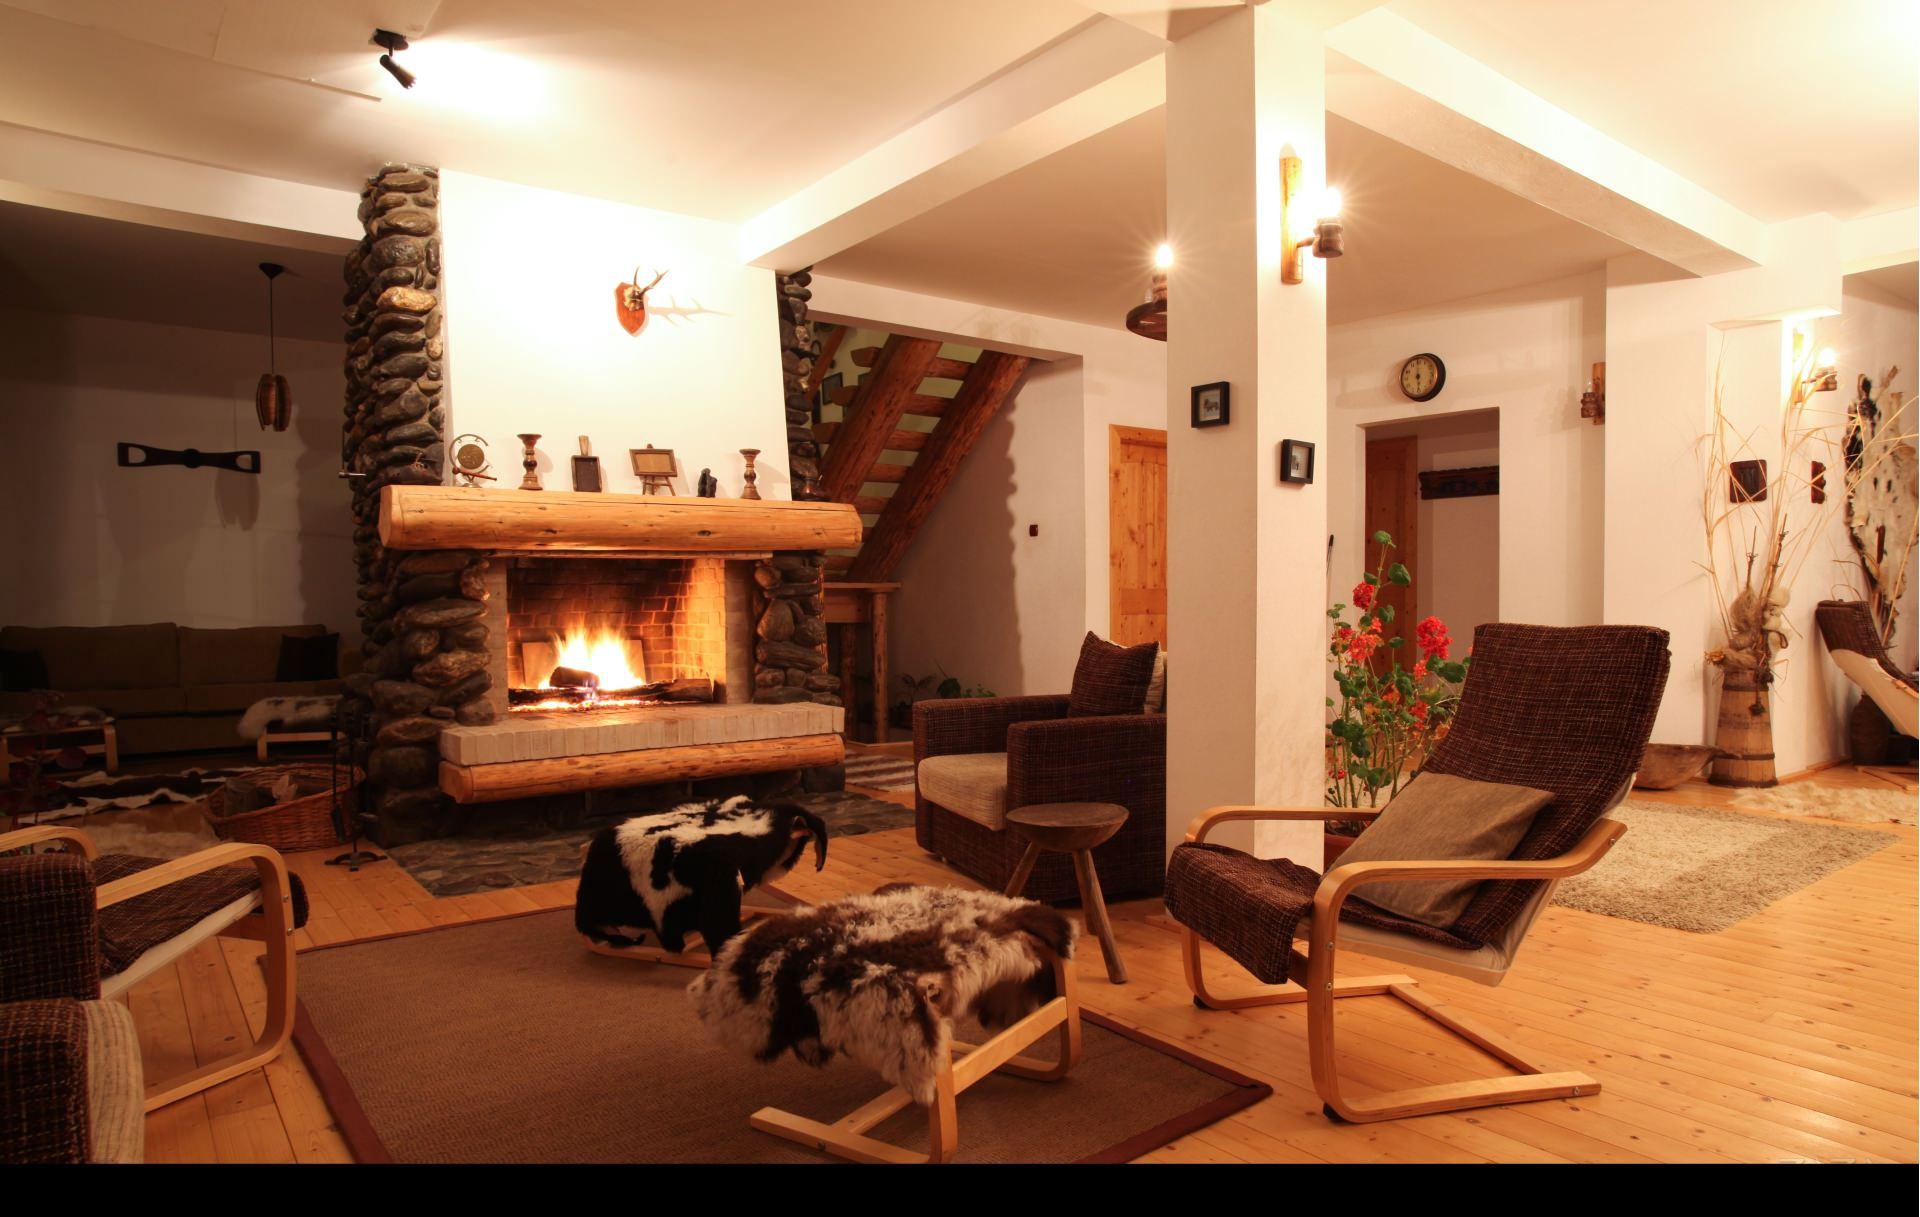 Casa Mosului Guesthouse, Cartisoara, Sibiu ( image source)